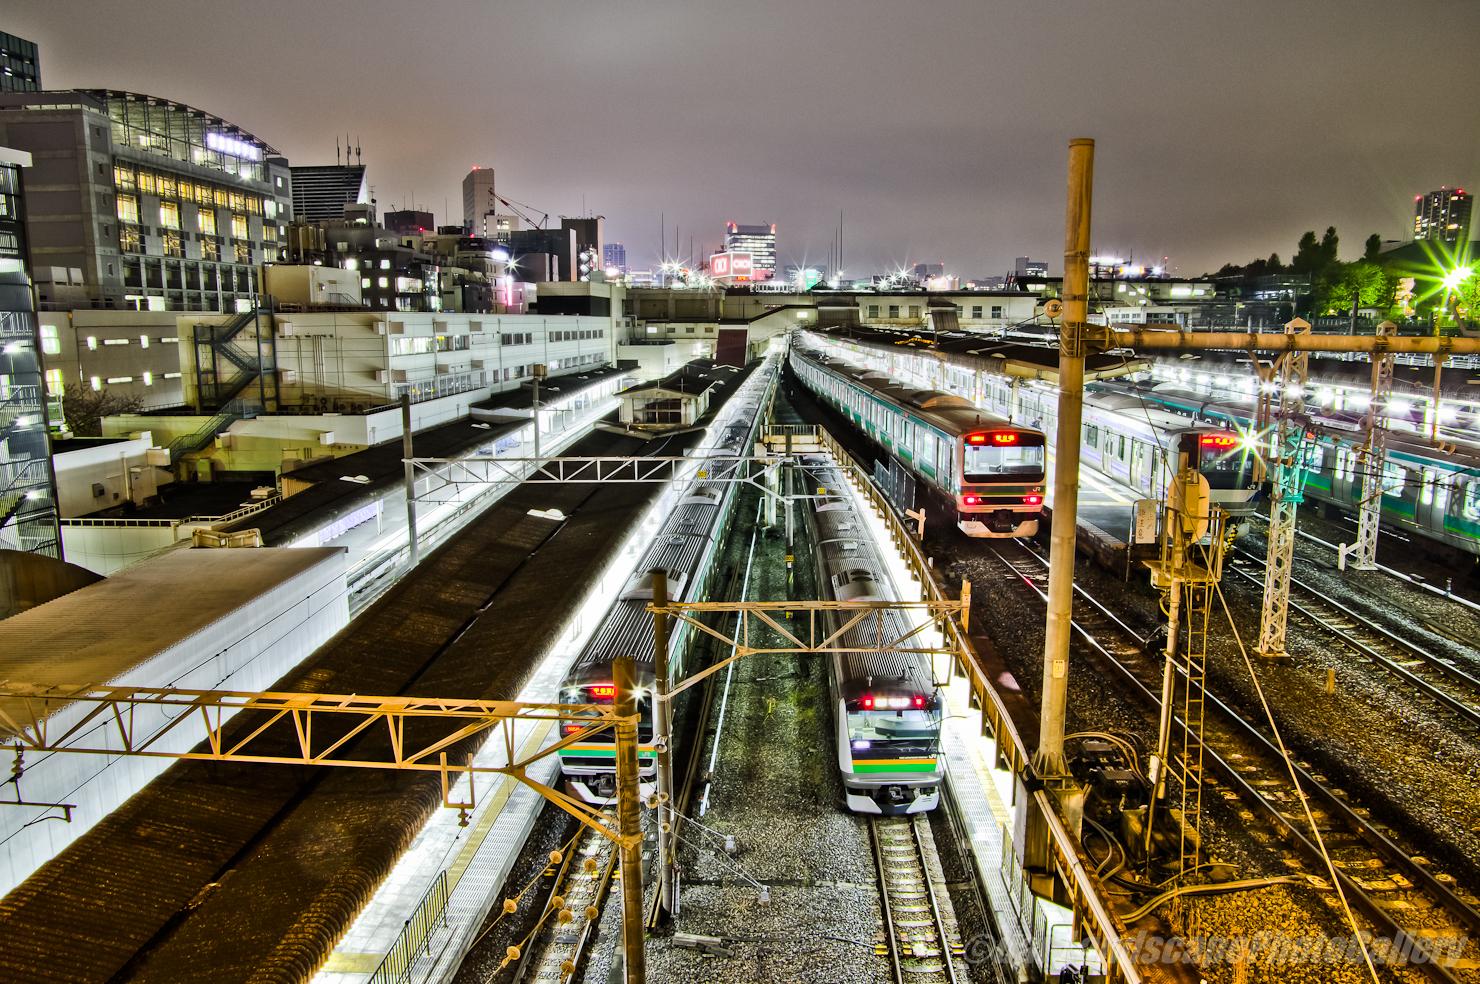 両大師橋夜景【HDRi】